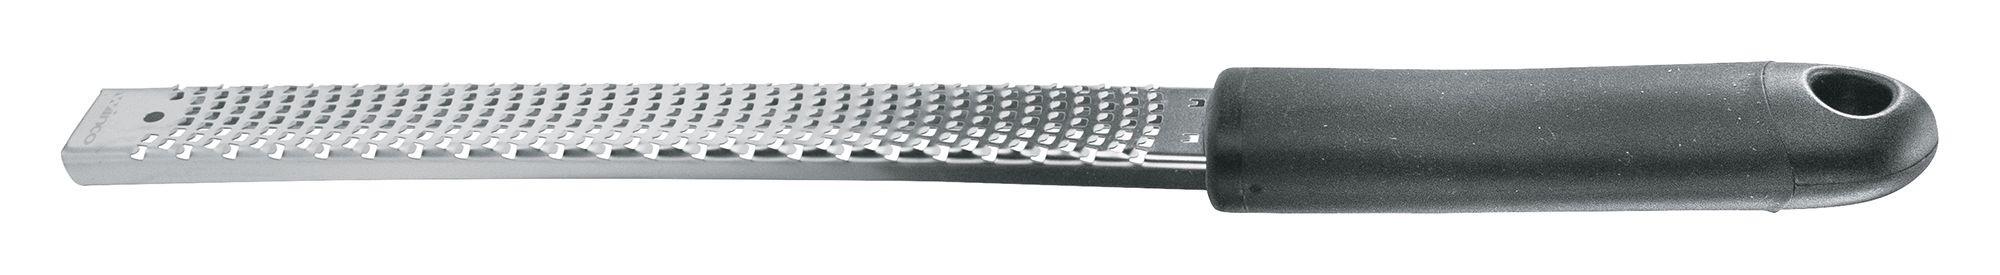 Grater 105 - W/ Fine Blade